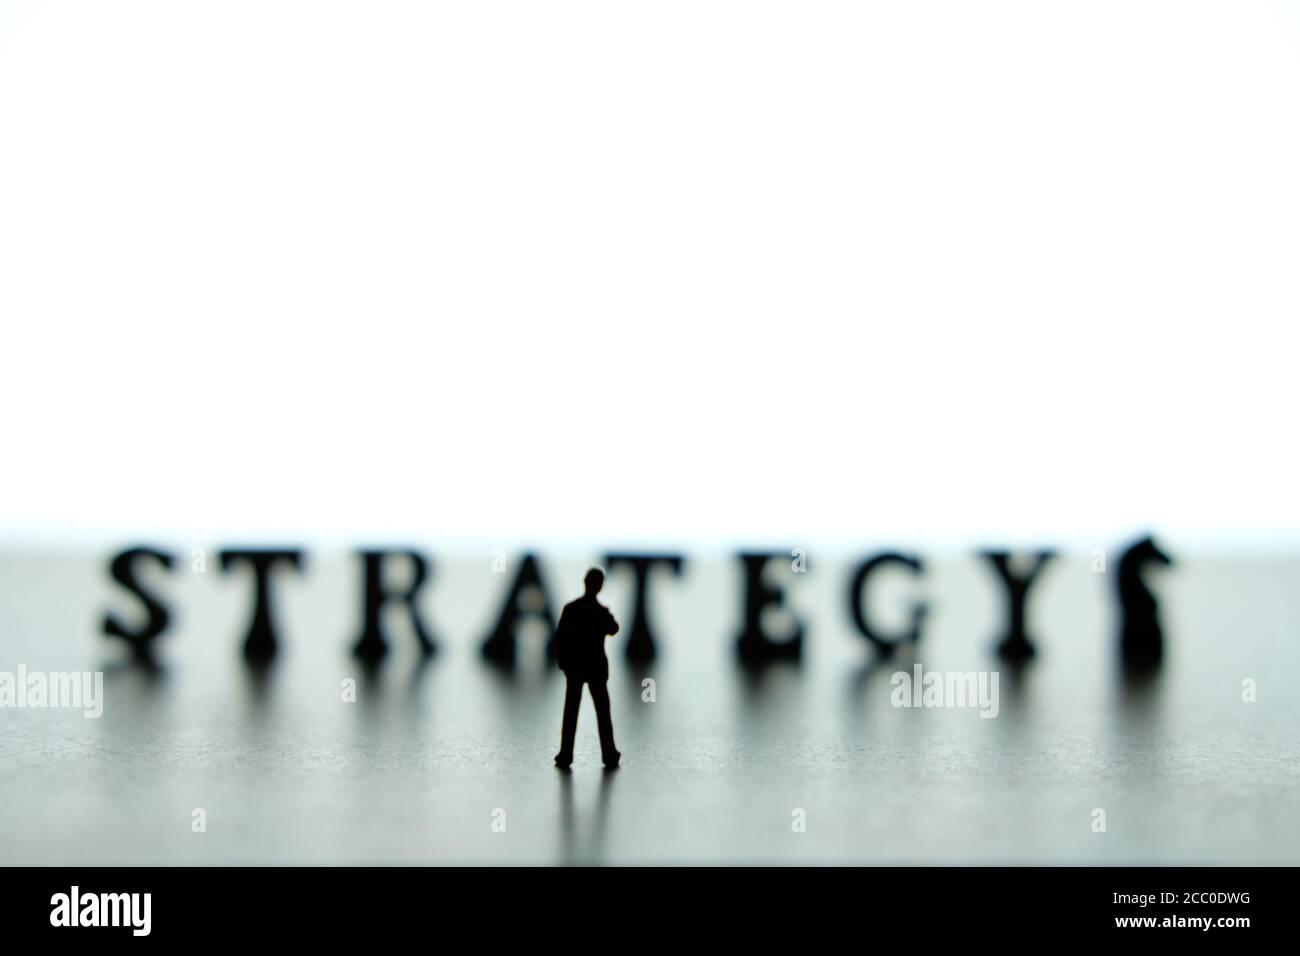 Silueta de hombres de negocios en miniatura de pie y pensando frente a rompecabezas de bloques de palabras de estrategia Foto de stock